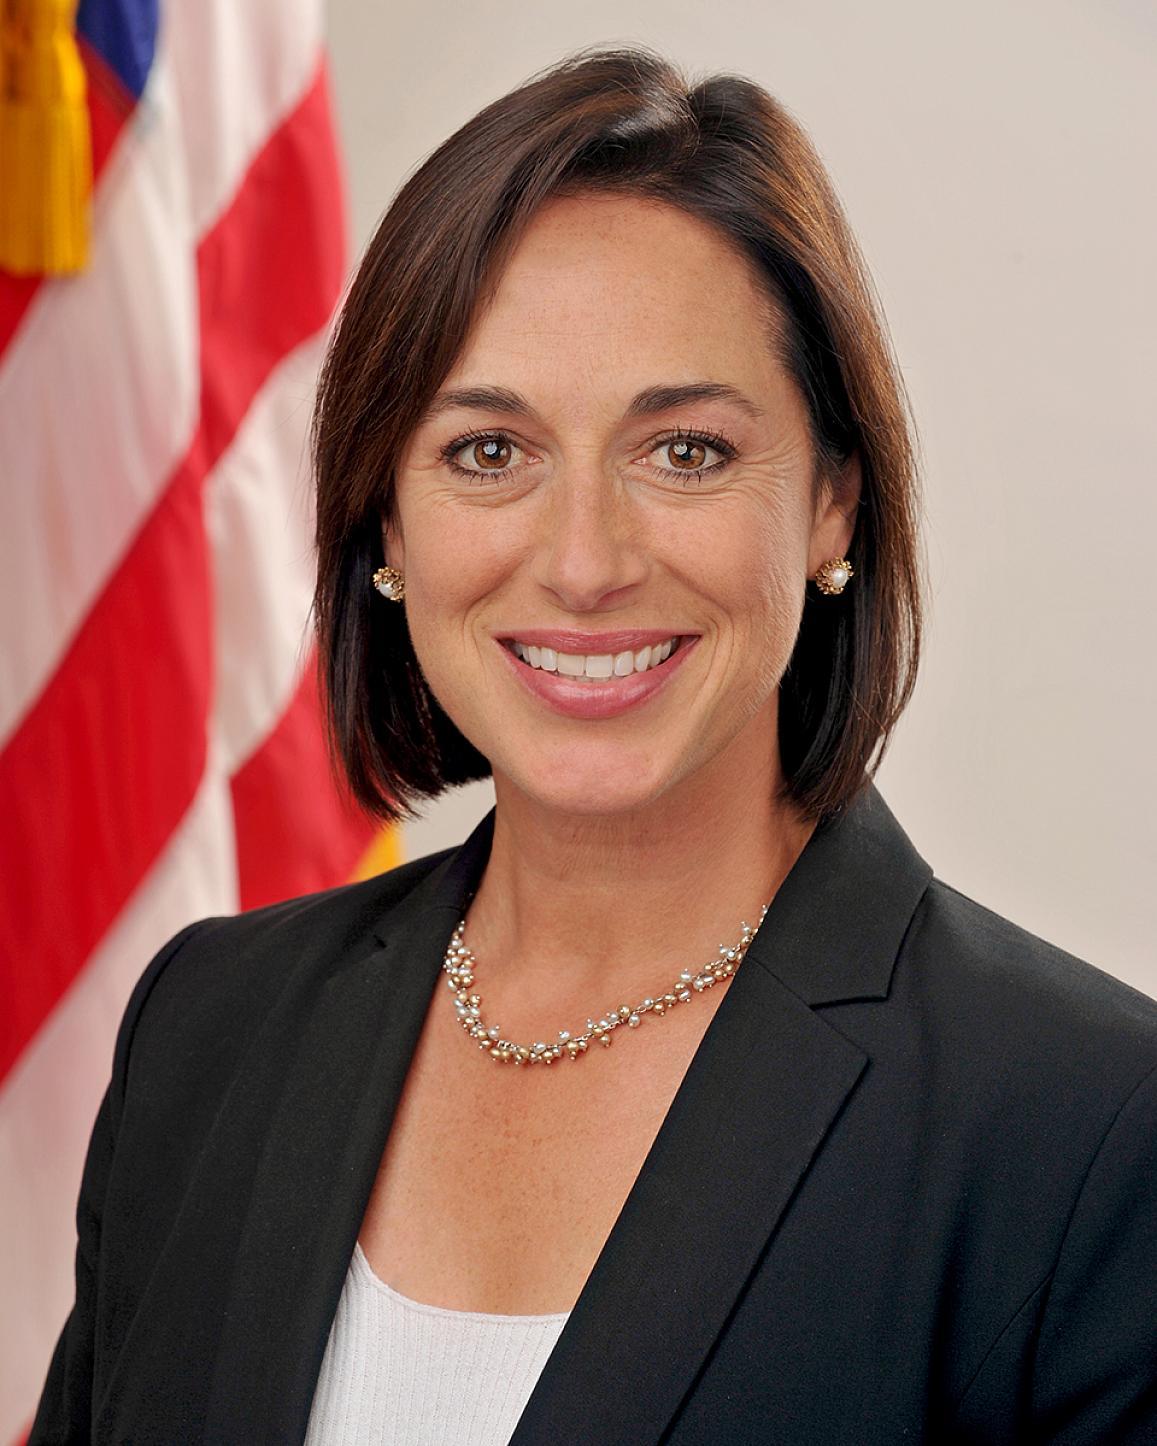 Portrait of Karen B. DeSalvo